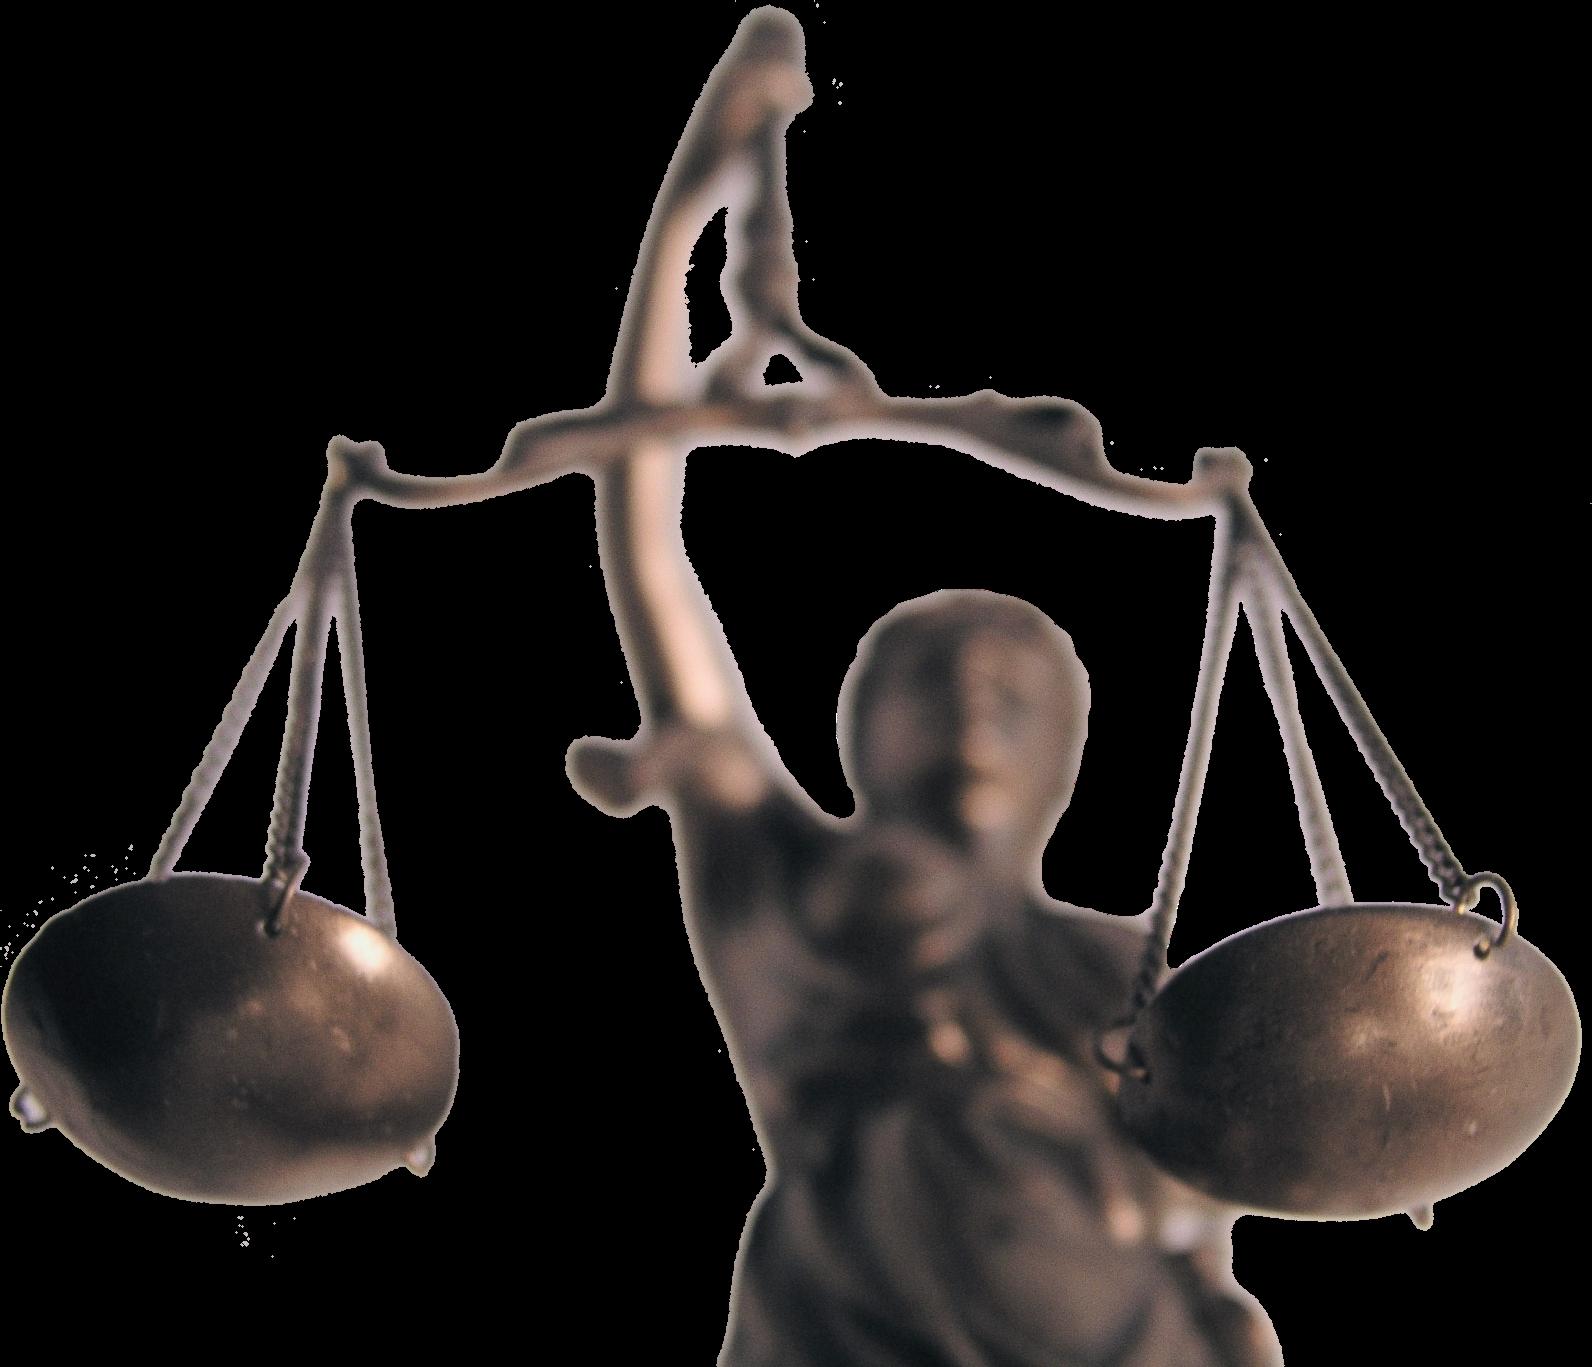 Das Foto zeigt das Sinnbild von Recht und Gerechtigkeit, die Justitia, die hier frontal von unten fotografiert wurde.